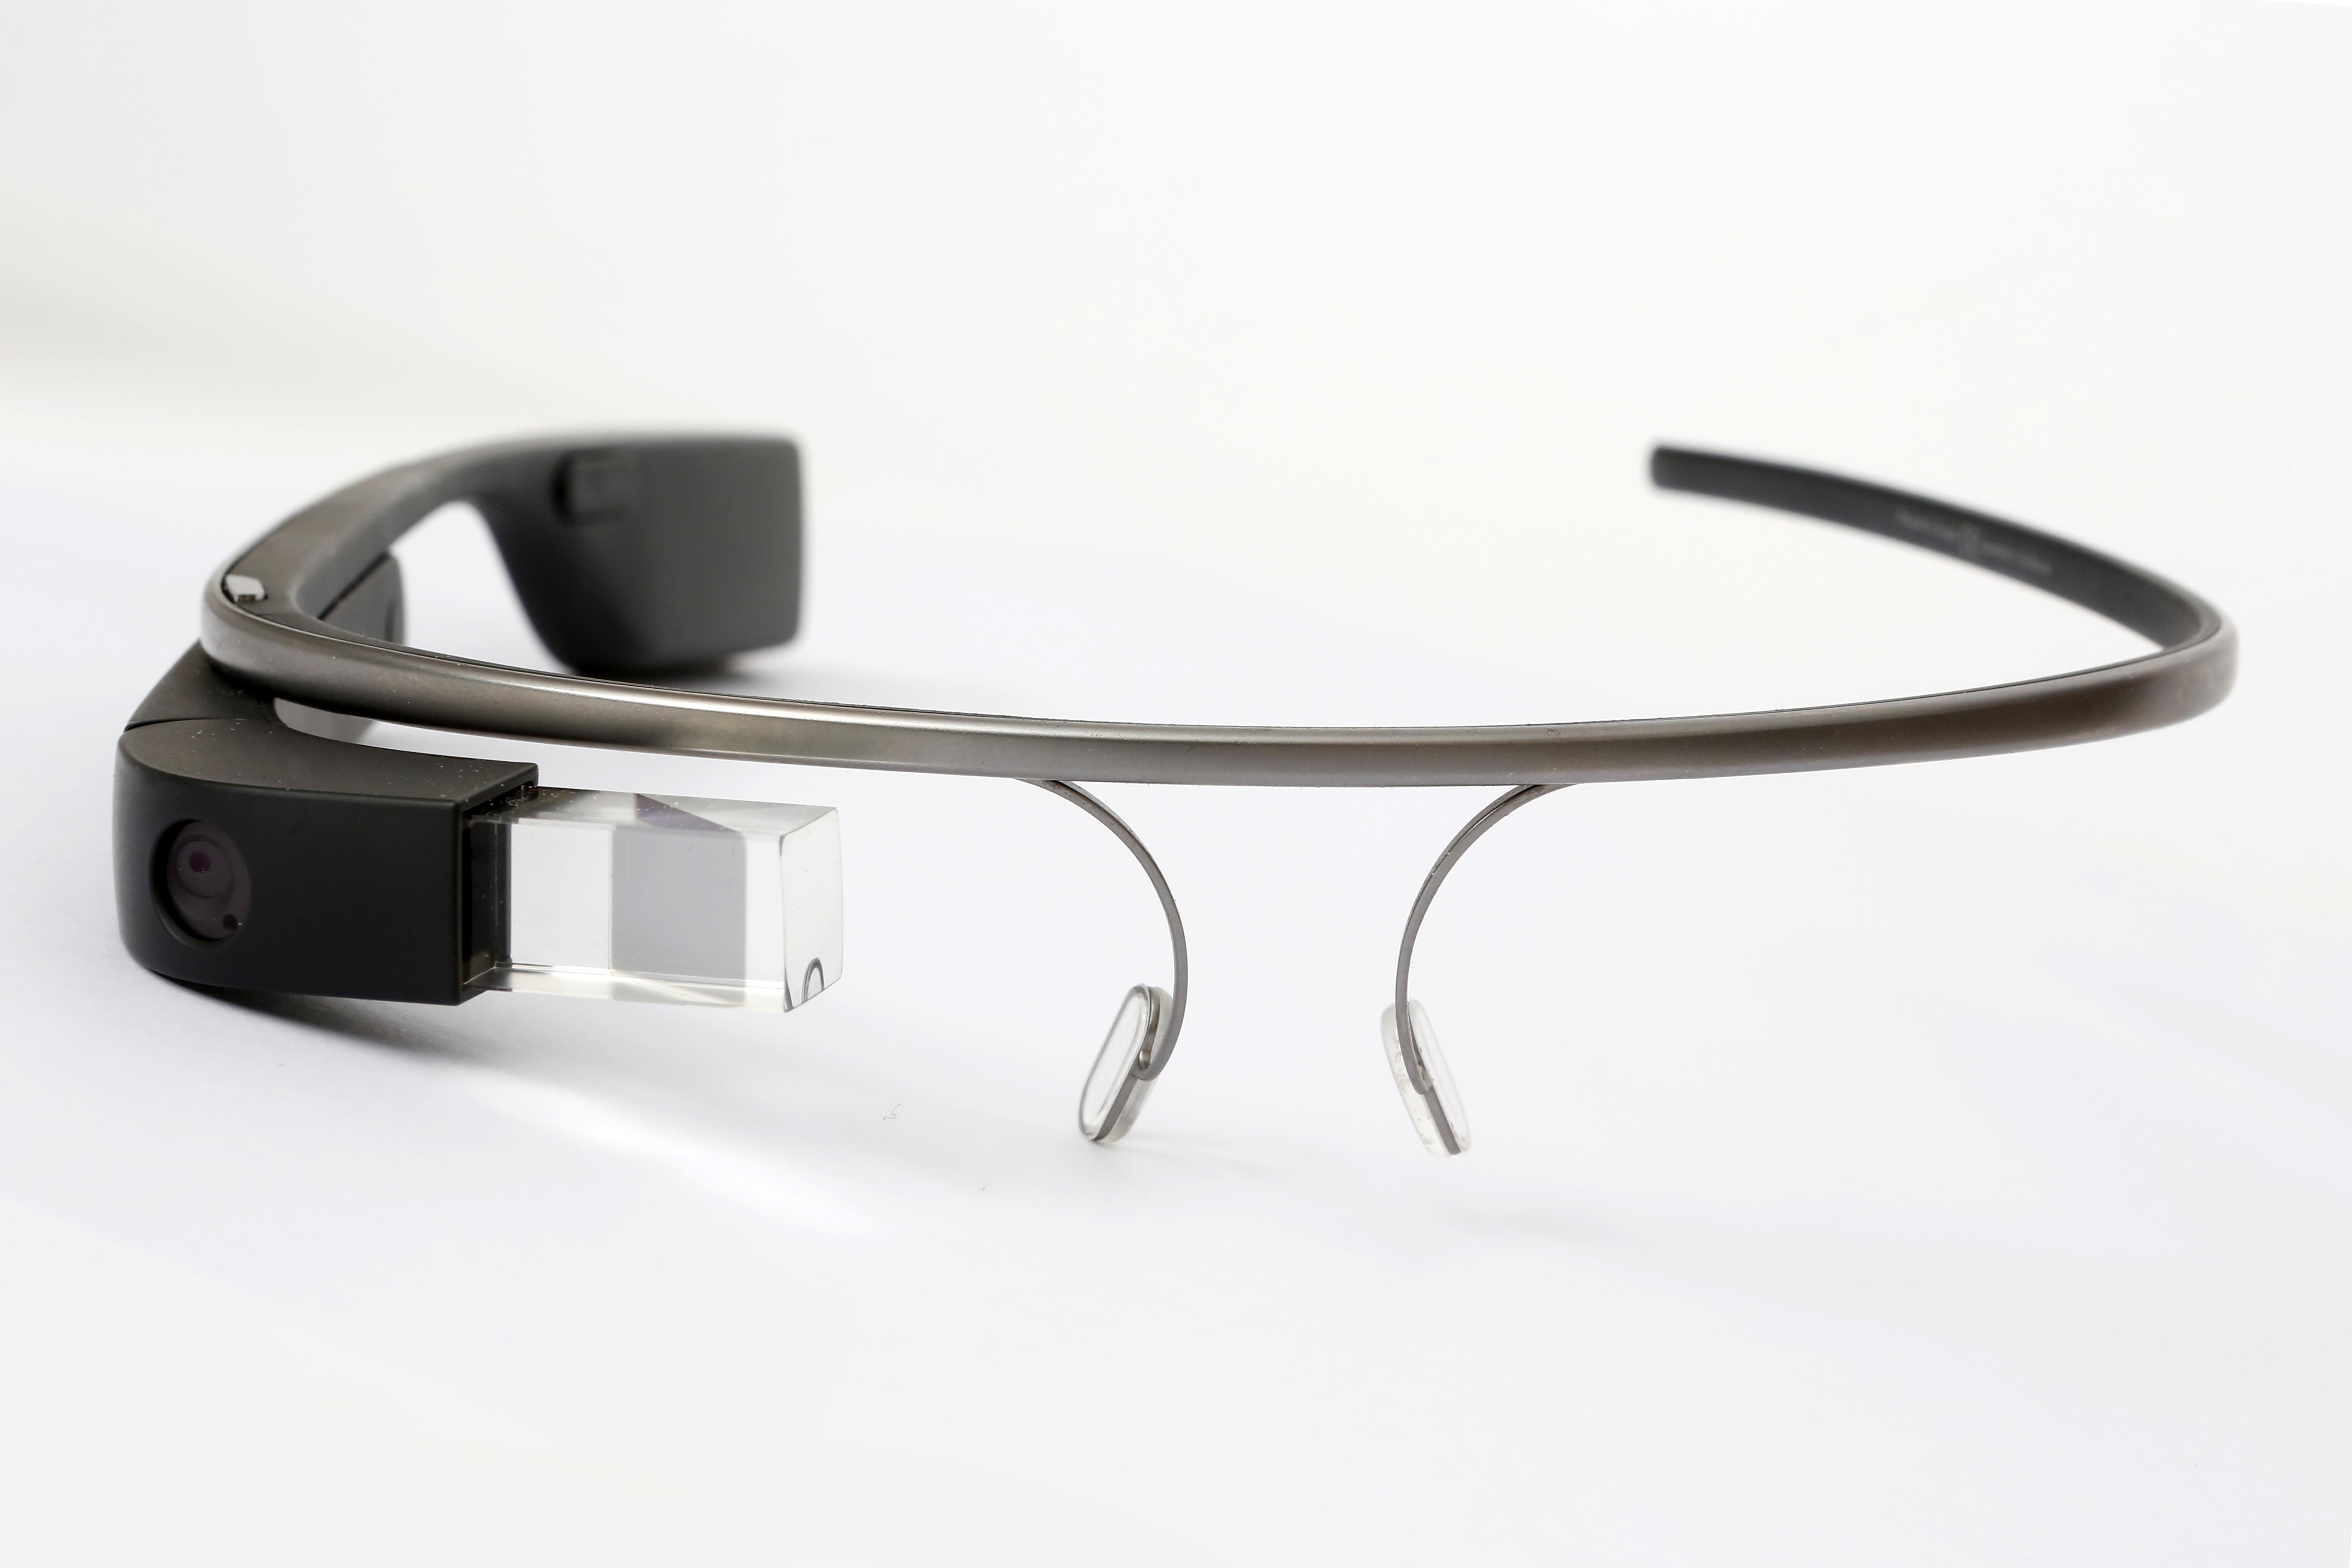 پتنتها خبر از ساخت عینک AR فیسبوک میدهند